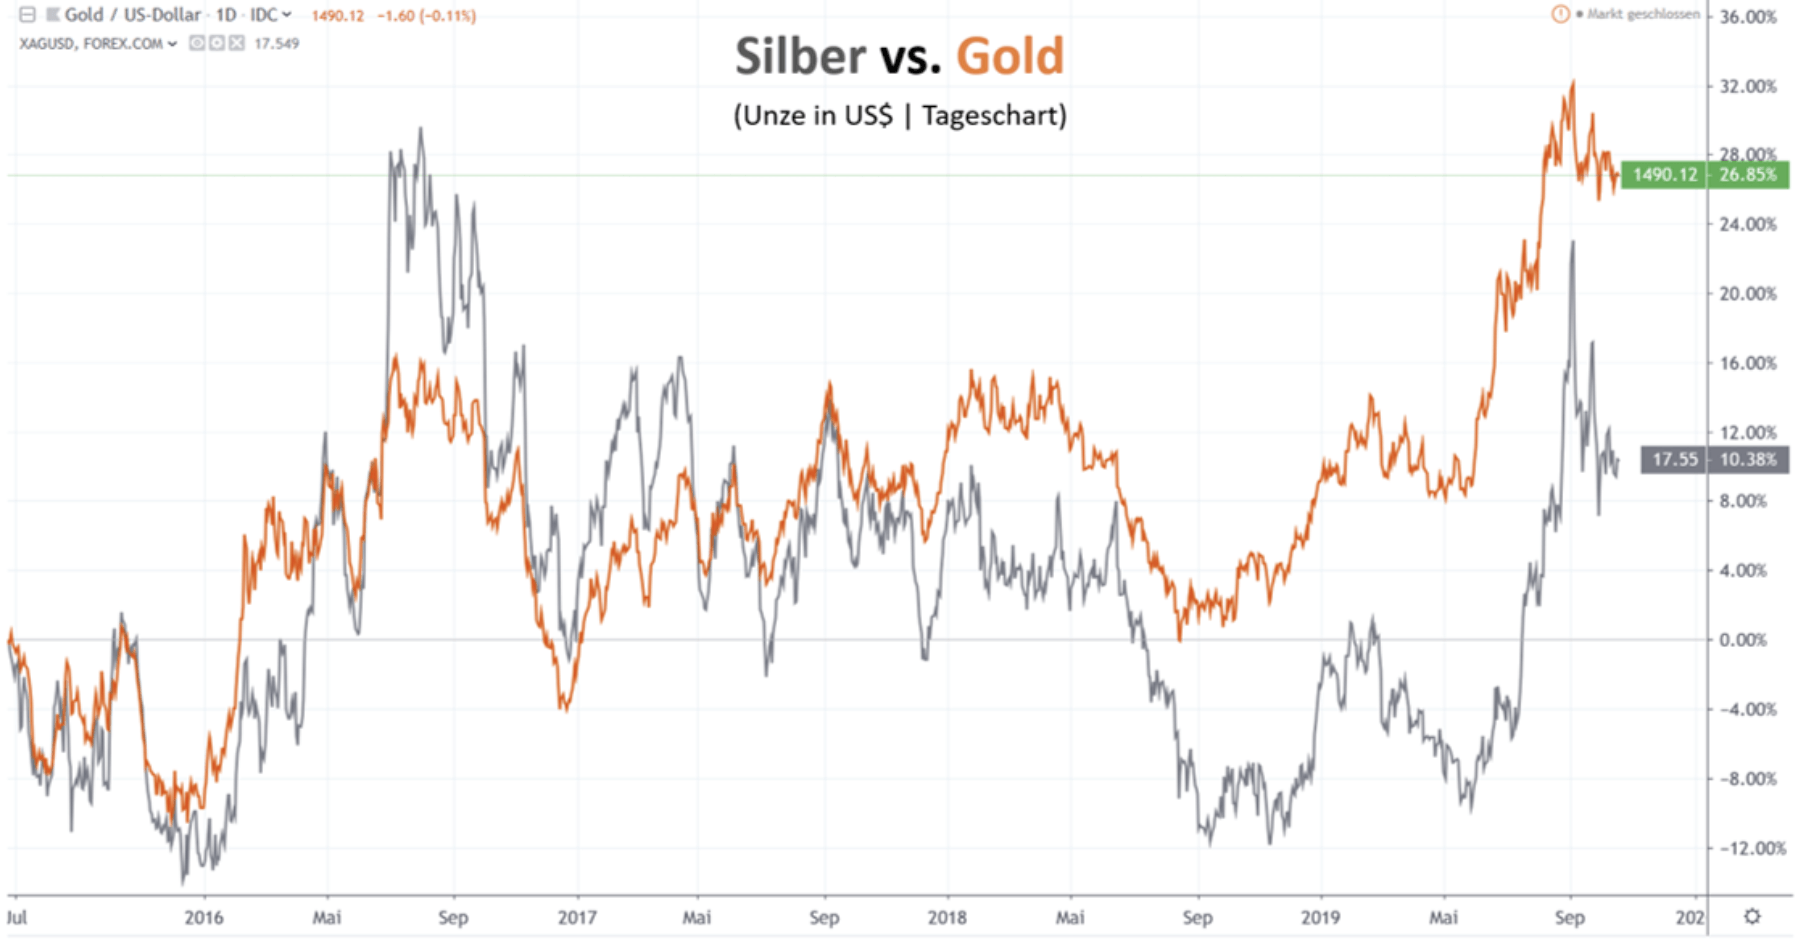 Silberpreis vs Goldpreis Chart